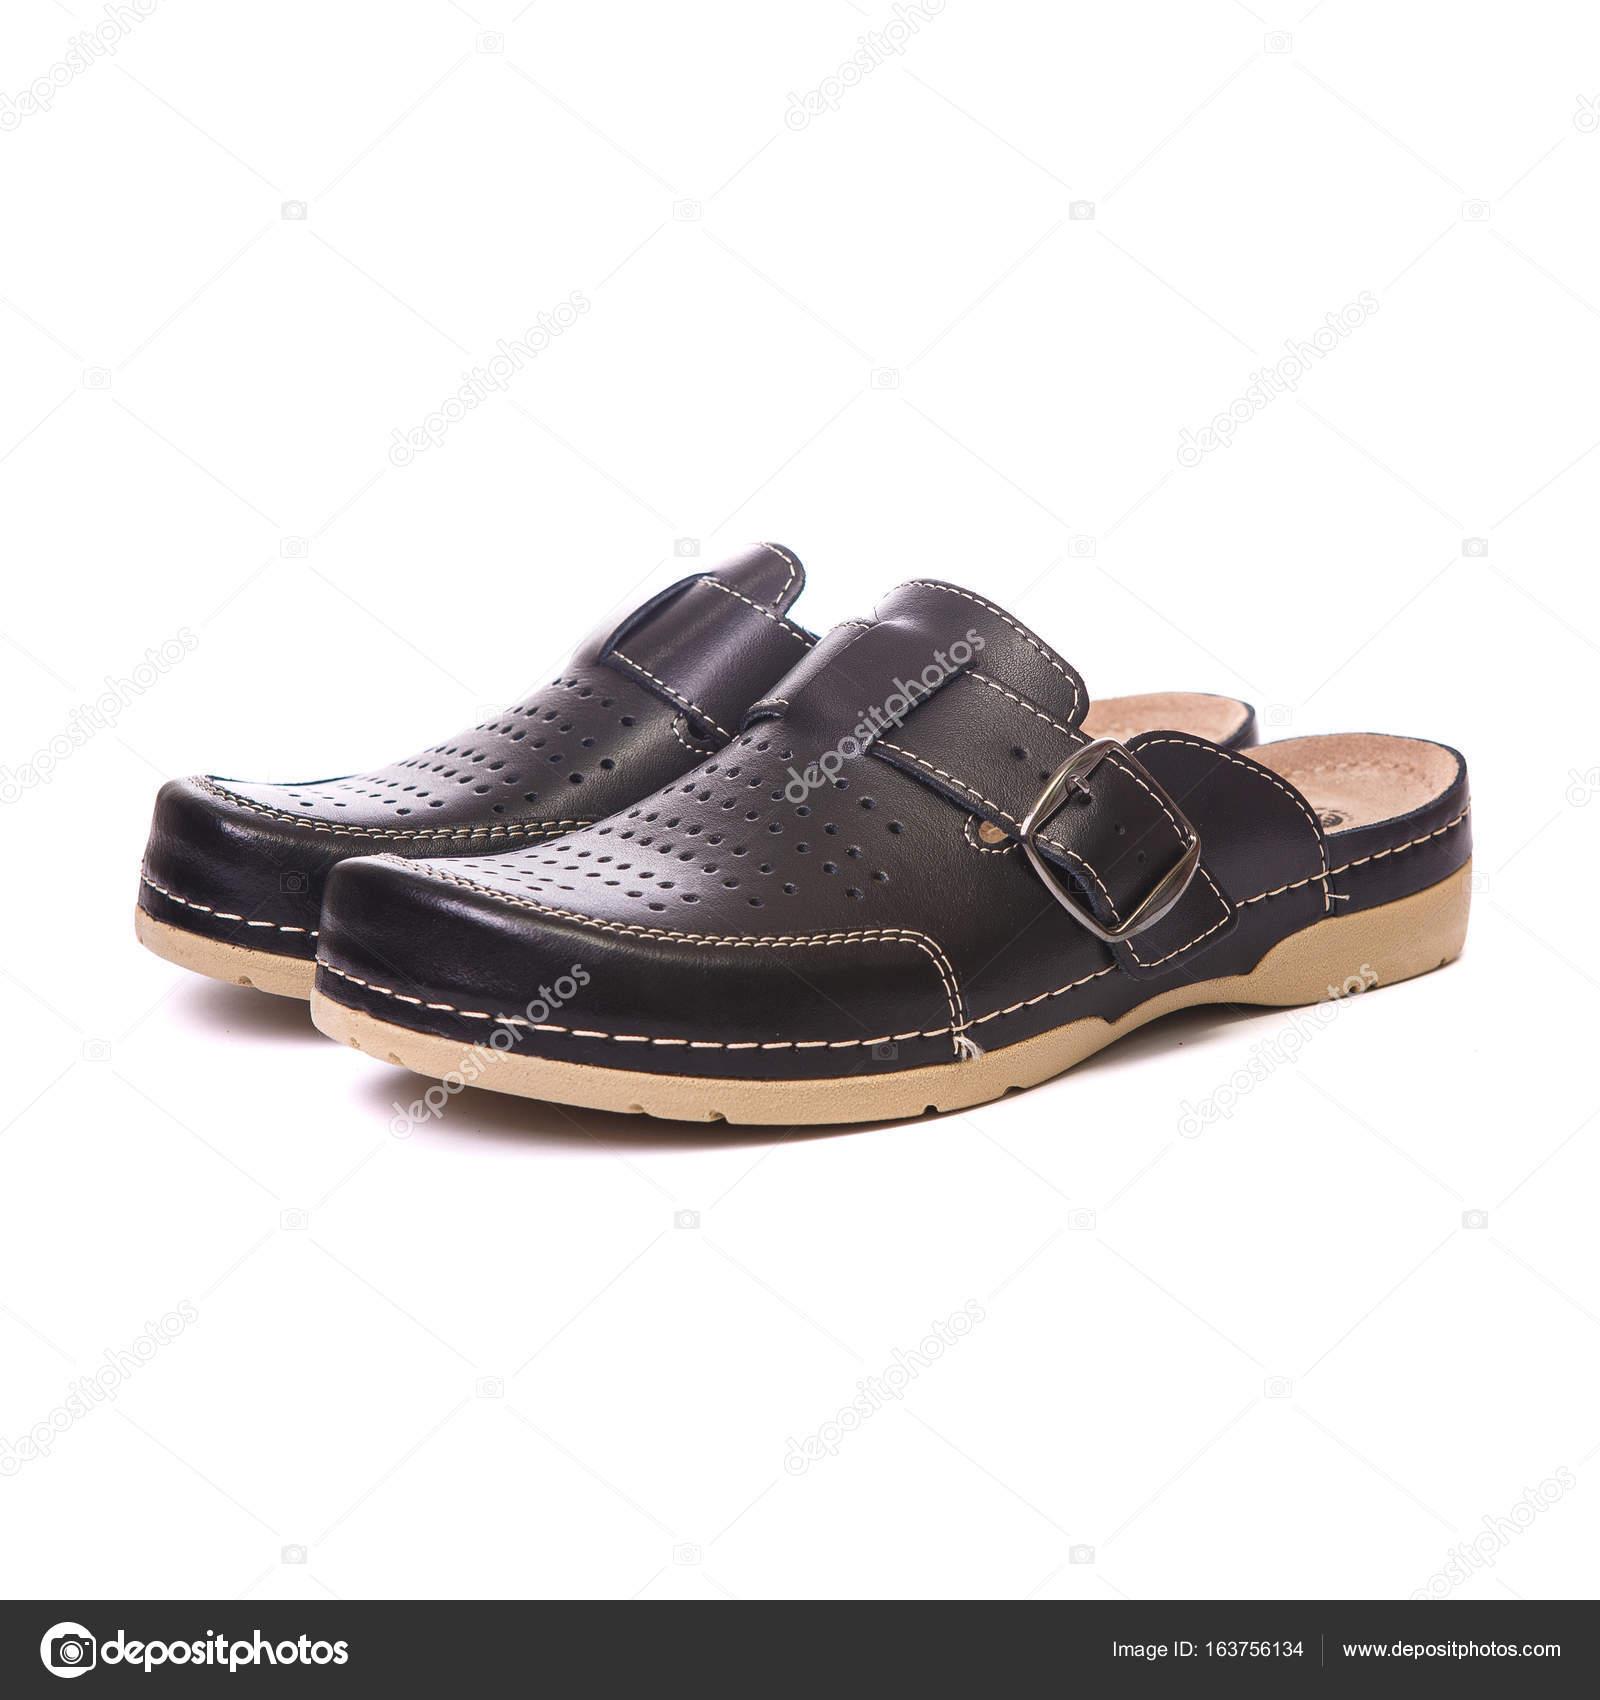 Orthopädische Schuhe für männliche weiße isoliert Hintergrund — Stockfoto f6a9bbe9da